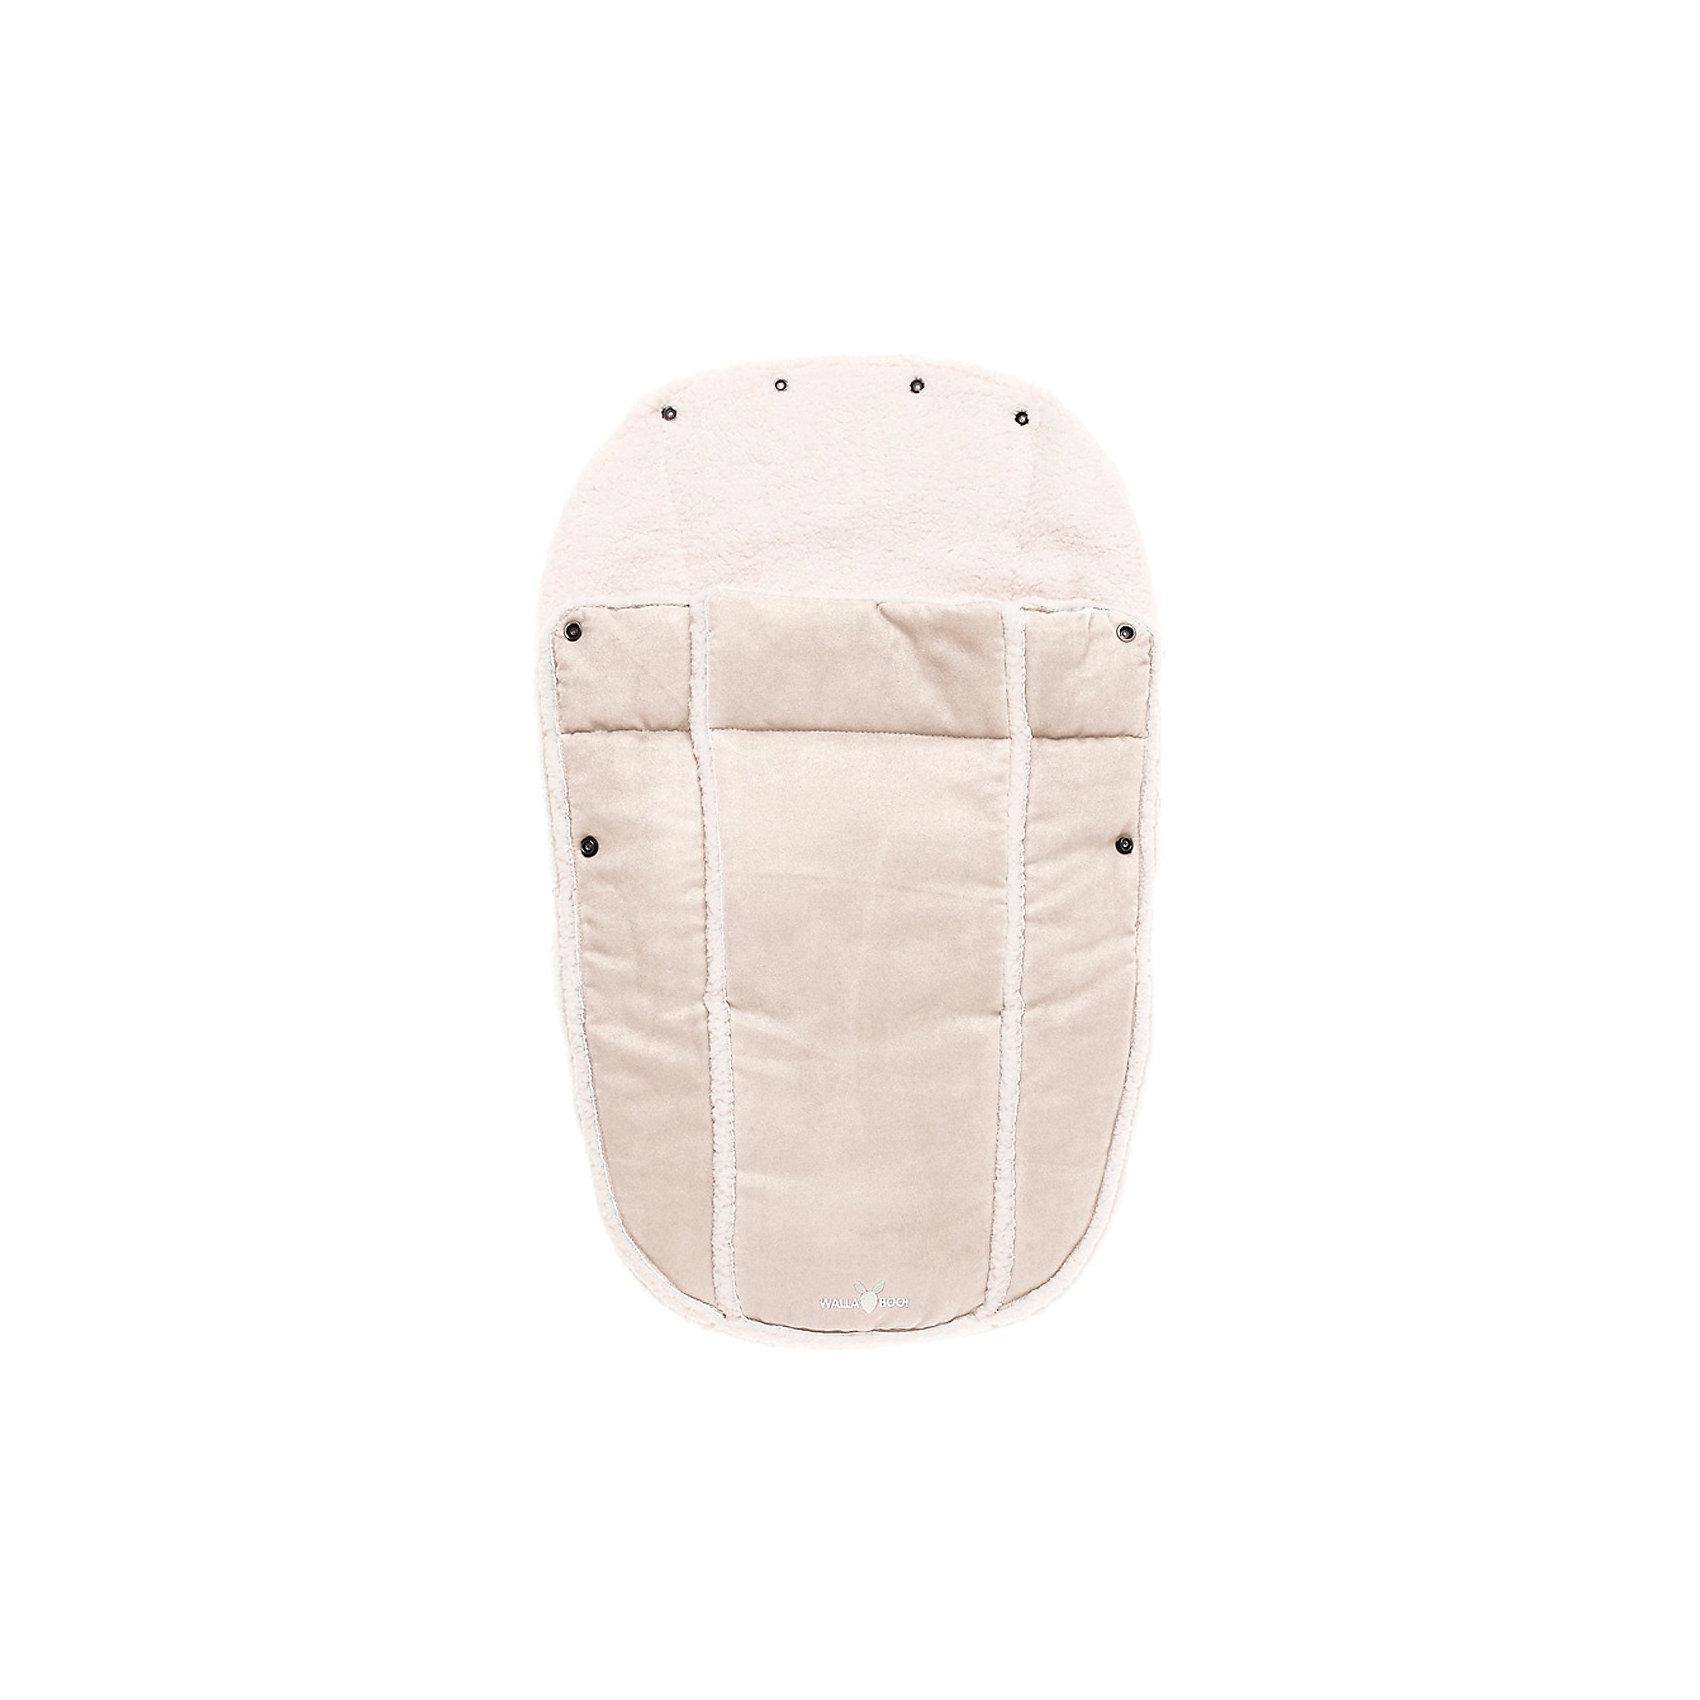 Конверт в коляску 0-12 месяцев, Wallaboo, экрюВаш малыш не любит одеваться? Просто посадите его в уютный конверт, и Вы готовы к путешествию!<br><br>Конверт в коляску 0-12 мес., Wallaboo отличает великолепное качество: верх - микроволокнистая замша (гипоаллергенна, легка в уходе), а  внутри - мягчайший плюш под овечью шкурку. Конверт специально создан для удобства родителей и комфорта малыша: нет необходимости дополнительно надевать на ребенка курточку или теплый комбинезон в прохладную погоду или во время перевозки малыша в автомобиле.<br>Конверт многофункциональный:    <br>- легко пристегивается к автокреслу группы 0 и 0+<br>- можно использовать как конверт на выписку из роддома<br>- если отстегнуть верхнюю часть, муфта превращается в мягкий чехол-подкладку <br><br>Удобно Вам и комфортно малышу:<br><br>- верхняя часть конверта при помощи специальных кнопок образует капюшон и защищает малыша от ветра и непогоды<br>- две боковые застежки-молнии по всей длине конверта, позволяют полностью и очень быстро отстегнуть верхнюю часть муфты от внутренней<br><br>Дополнительная информация:<br><br>- Наполнитель – синтепон 120 грамм.<br>- Подходит для кресел с 3-х и 5-титочечными ремнями безопасности<br>- Машинная стирка при температуре 30 градусов. Быстро сохнет.<br>- Размер: 45 х 72 см<br>- Вес: 500 г<br><br>Конверт в коляску 0-12 месяцев, Wallaboo, экрю можно купить в нашем магазине.<br><br>Ширина мм: 450<br>Глубина мм: 350<br>Высота мм: 70<br>Вес г: 500<br>Цвет: экрю<br>Возраст от месяцев: 0<br>Возраст до месяцев: 12<br>Пол: Унисекс<br>Возраст: Детский<br>SKU: 3812568